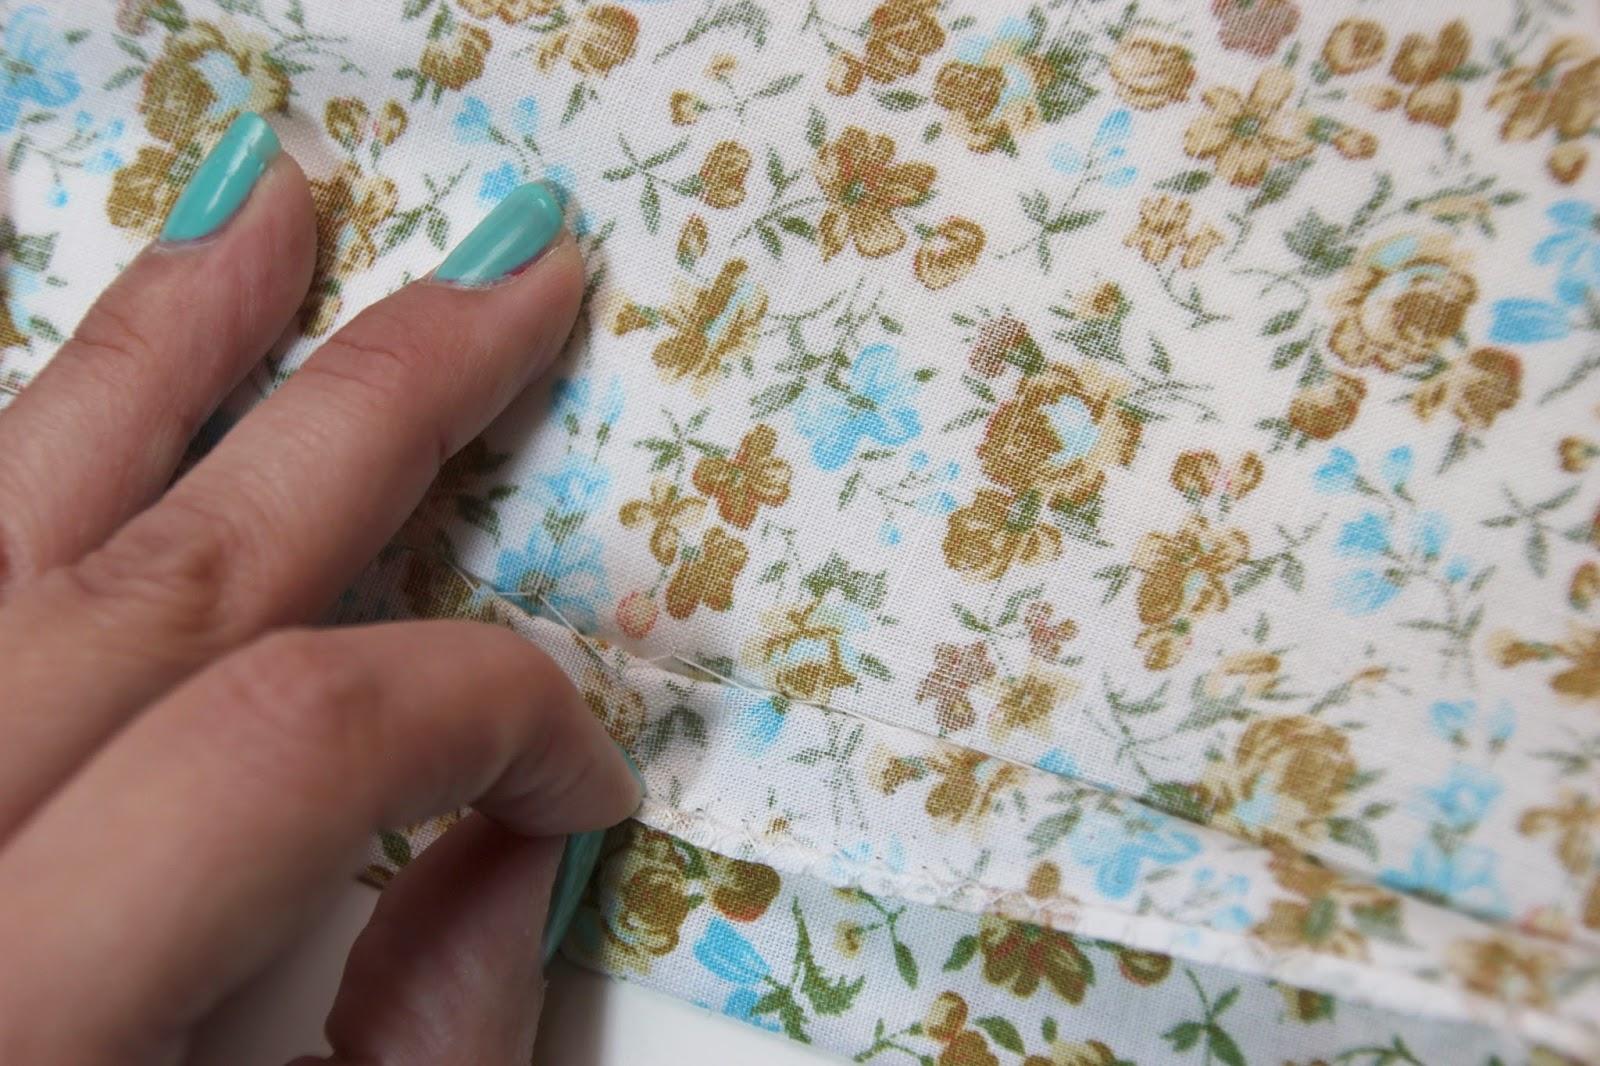 Cómo hacer un dobladillo ciego o escondido. Como hacer puntada escondida o puntada ciega.